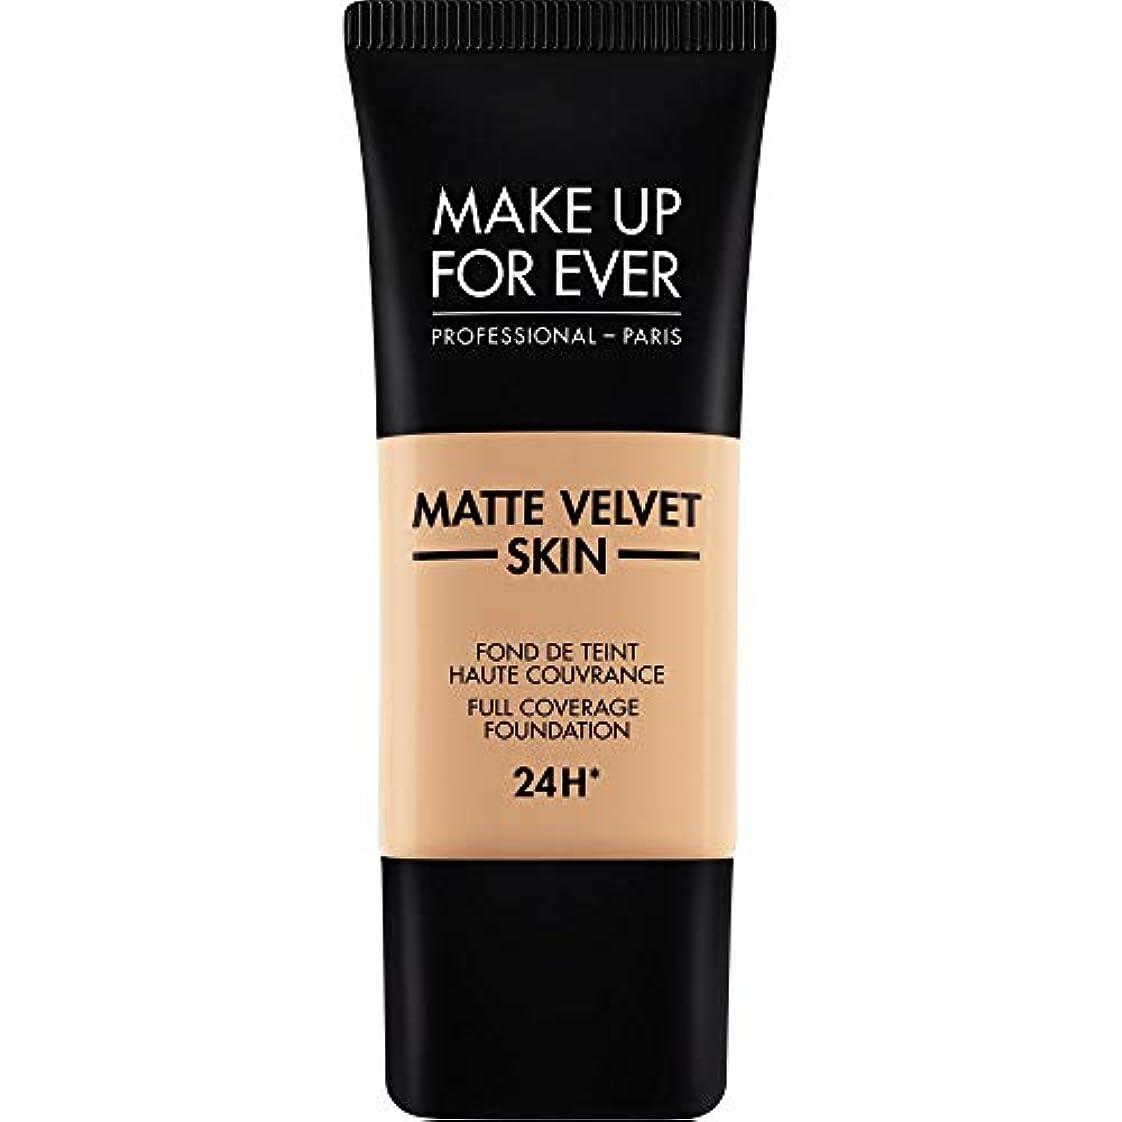 火山学者カテゴリー優先権[MAKE UP FOR EVER ] これまでマットベルベットの皮膚のフルカバレッジ基礎30ミリリットルのY325を補う - 肉 - MAKE UP FOR EVER Matte Velvet Skin Full Coverage...